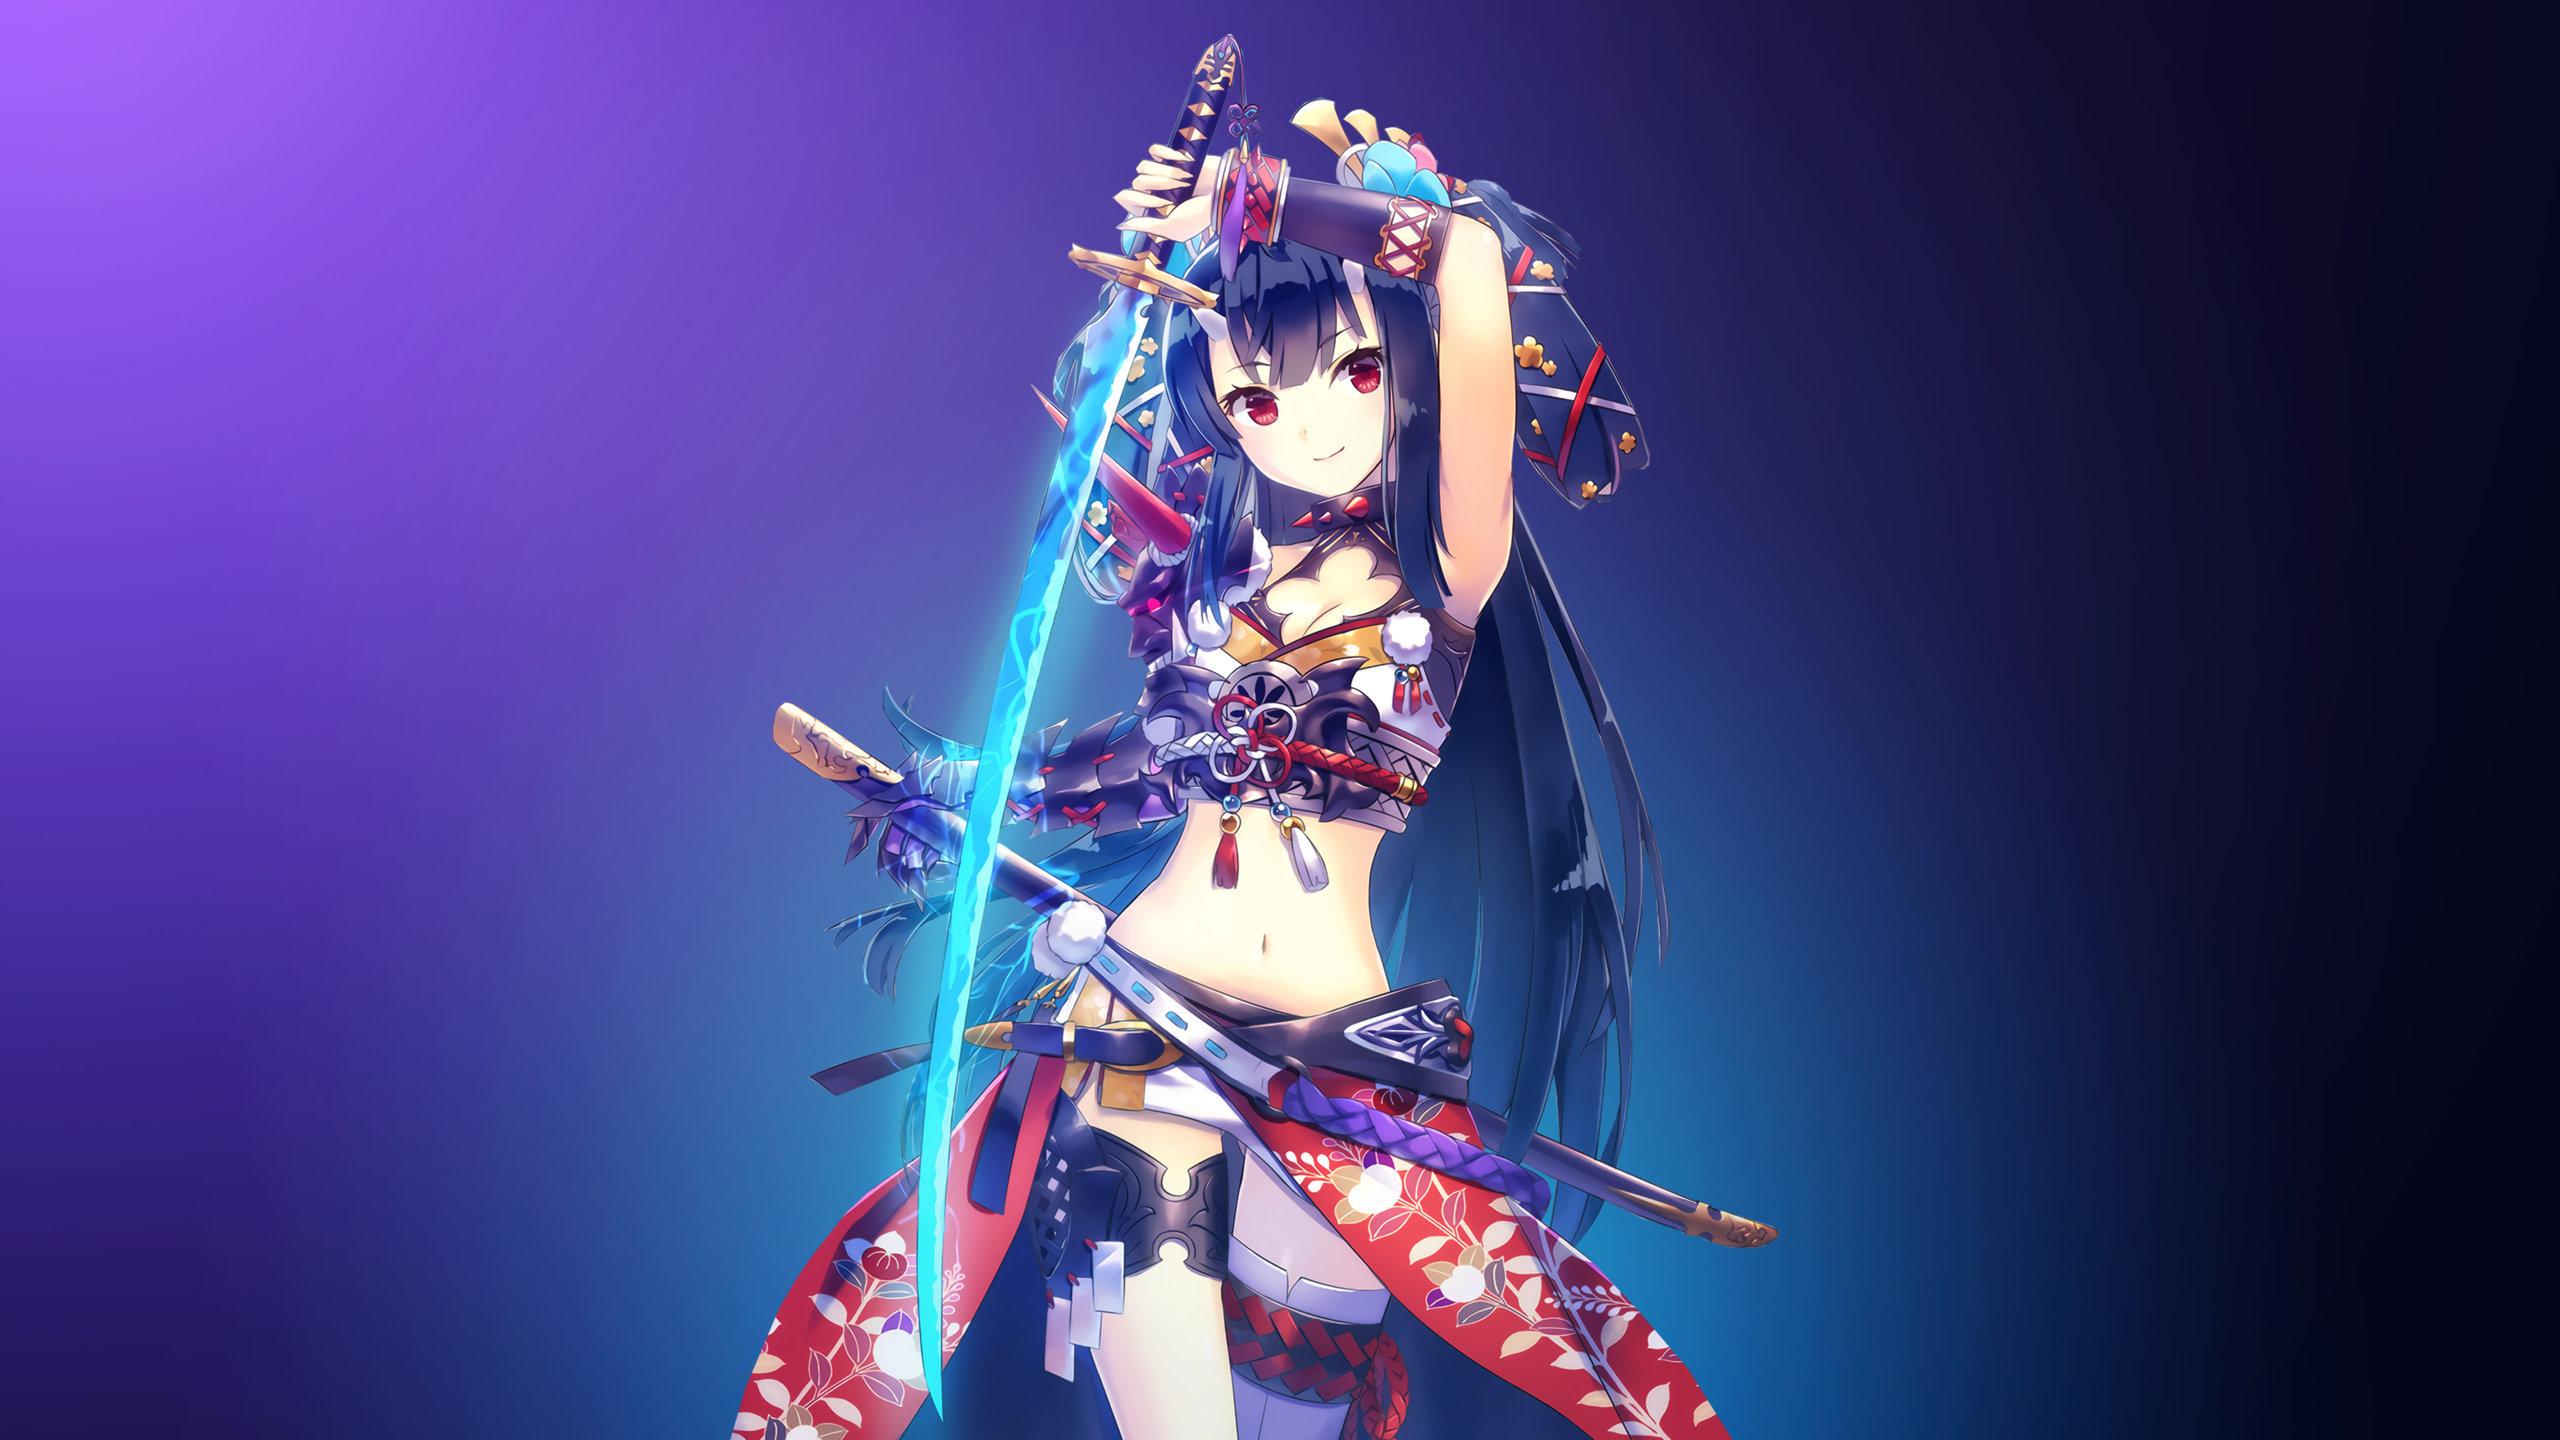 Sky Anime 4K HD Desktop Wallpaper for Wide & Ultra Widescreen